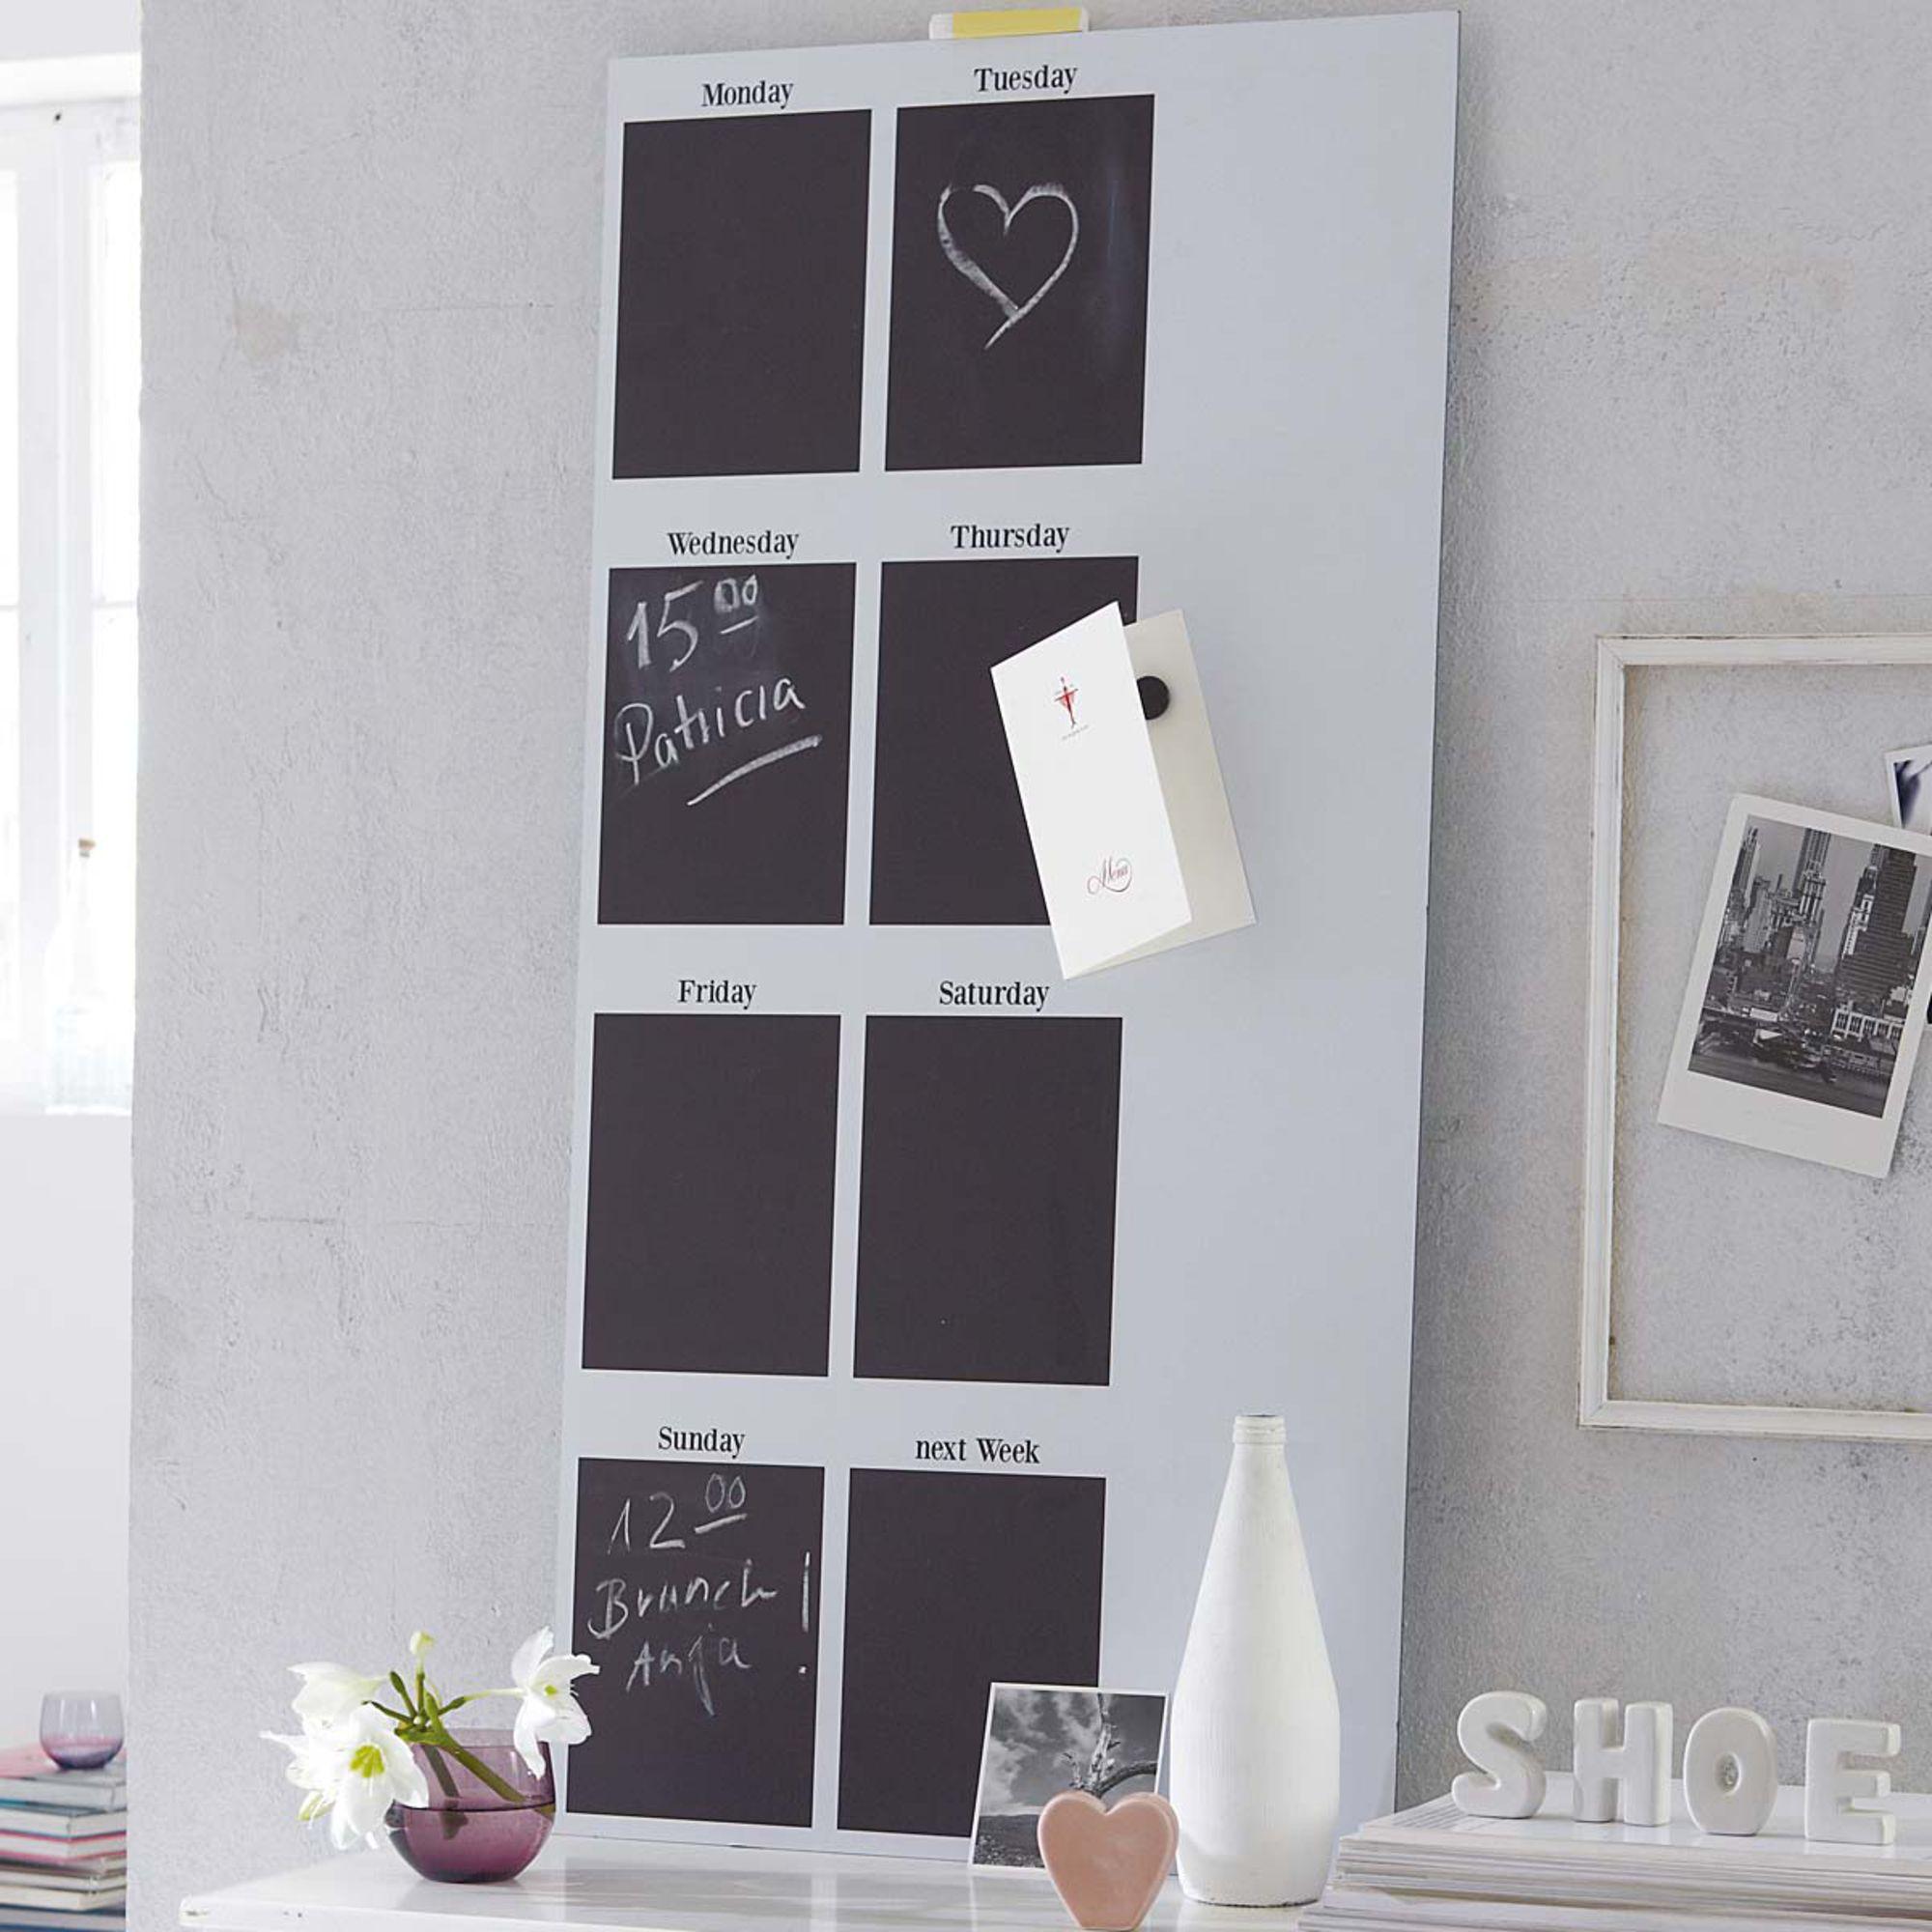 wochenplaner mit beschreibbarer wei er magnetfolie kreide und magnete inklusive impressionen. Black Bedroom Furniture Sets. Home Design Ideas